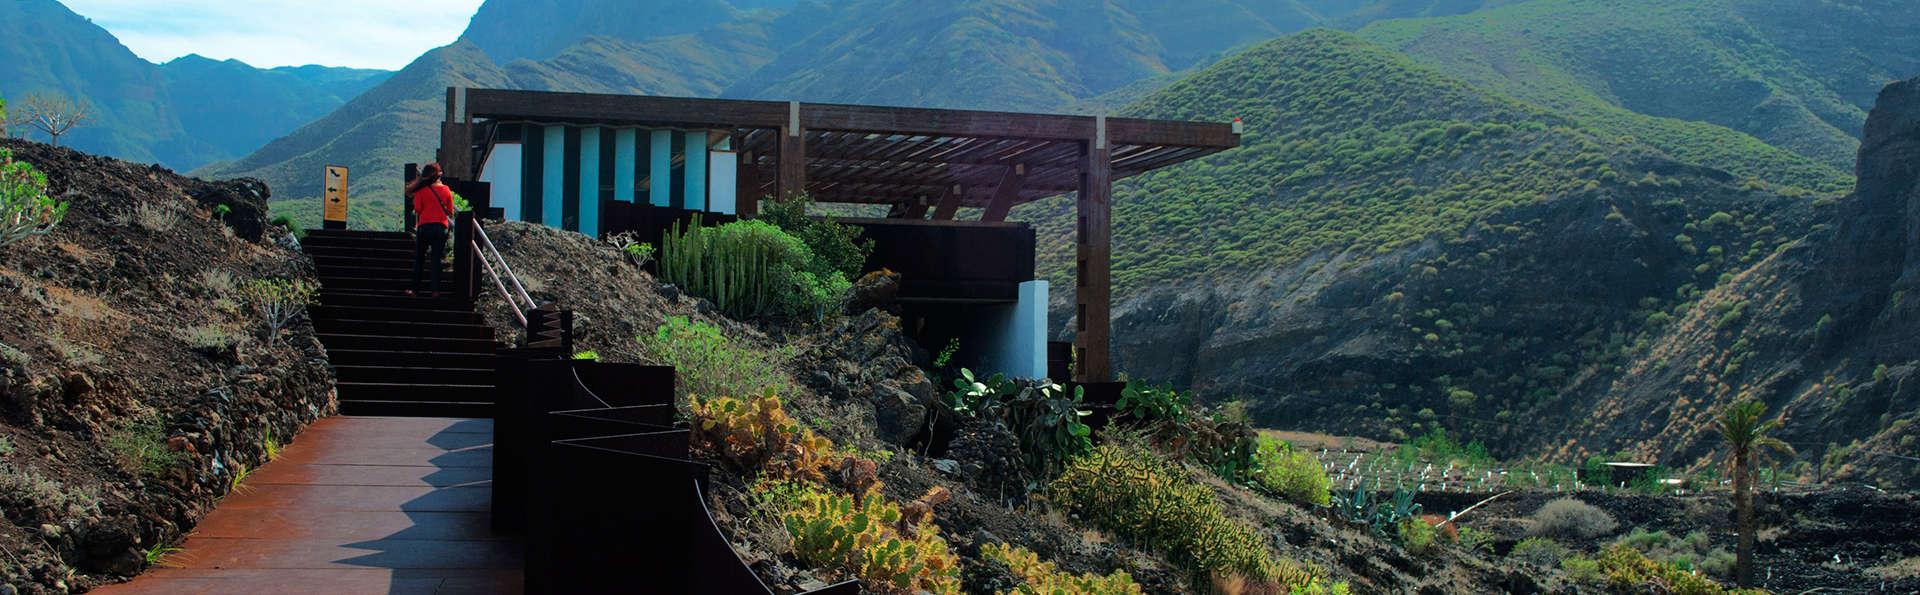 Hotel Puerto de las Nieves - EDIT_NEW_destination1.jpg